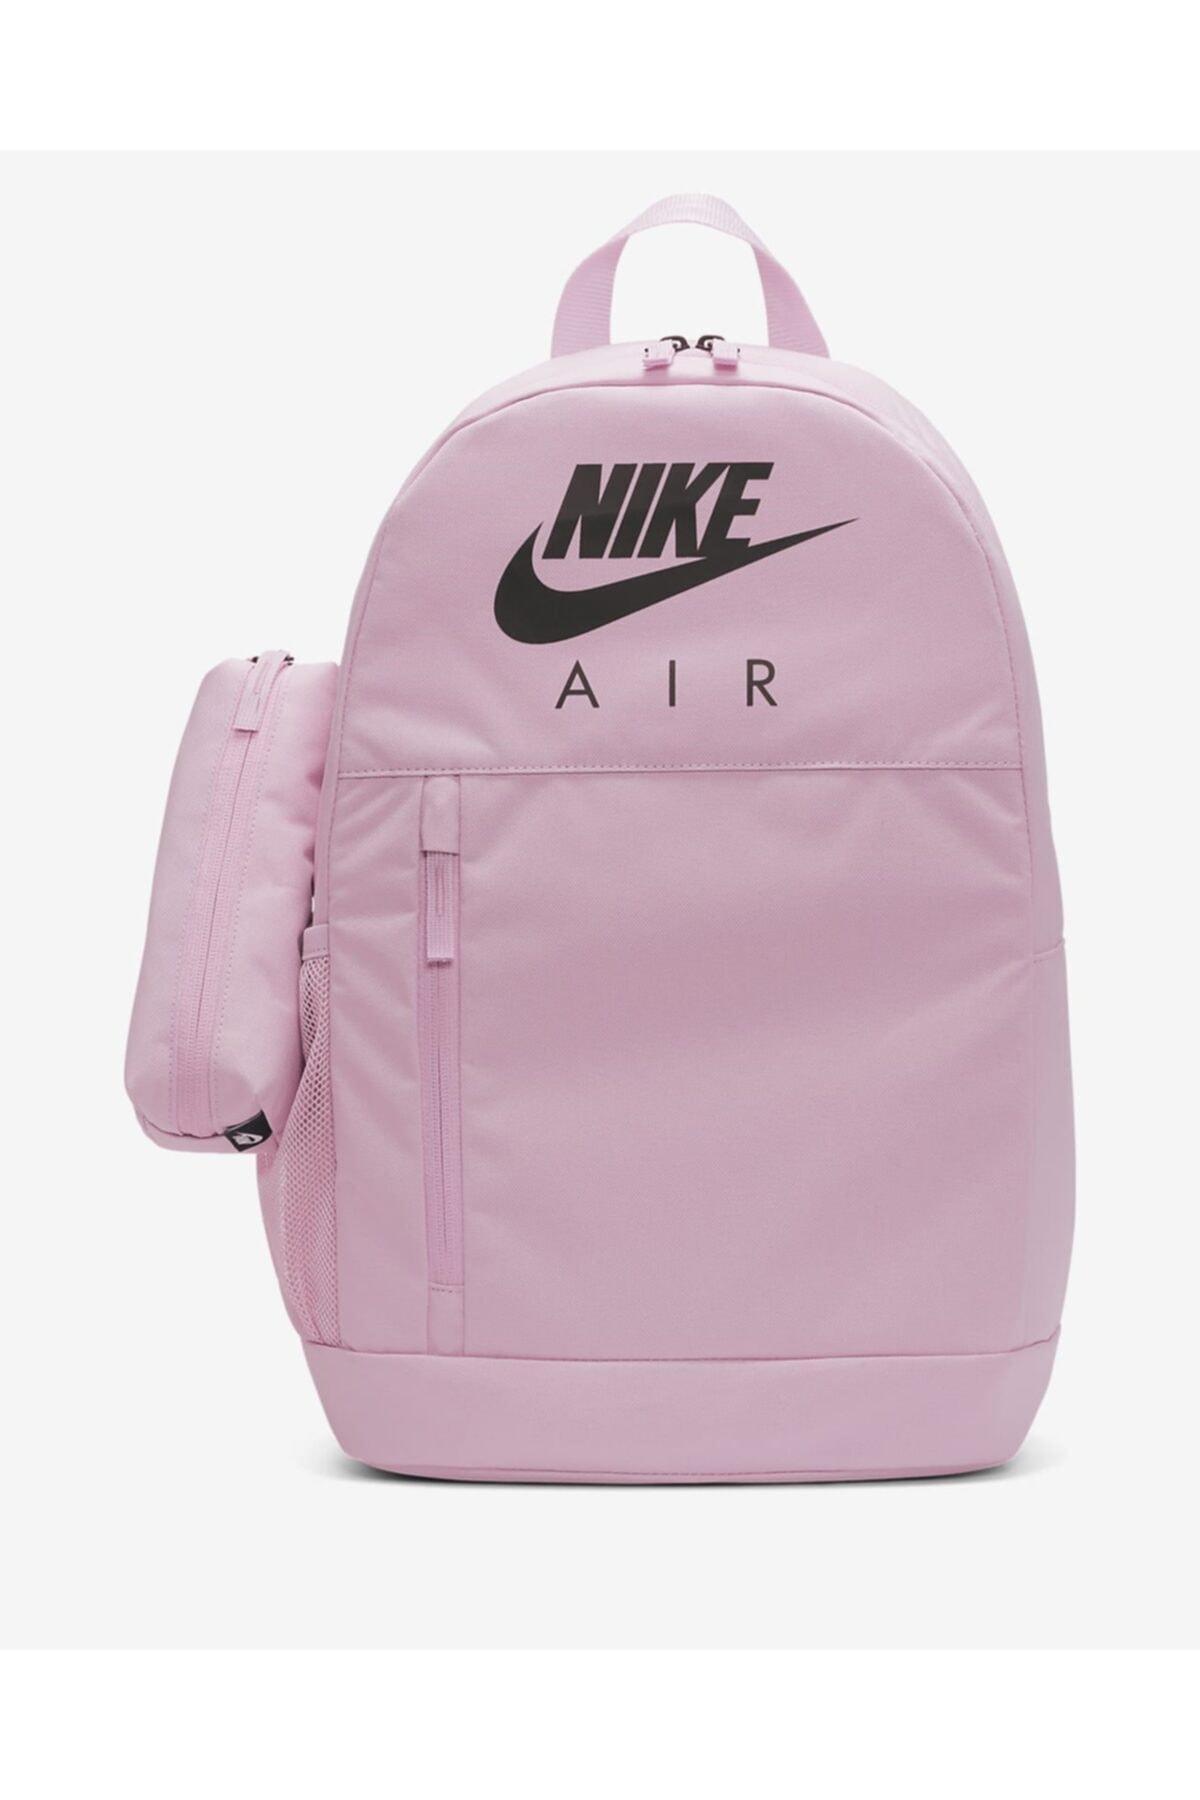 Nike Nıke Sırt Çanta Ba6032-676 1